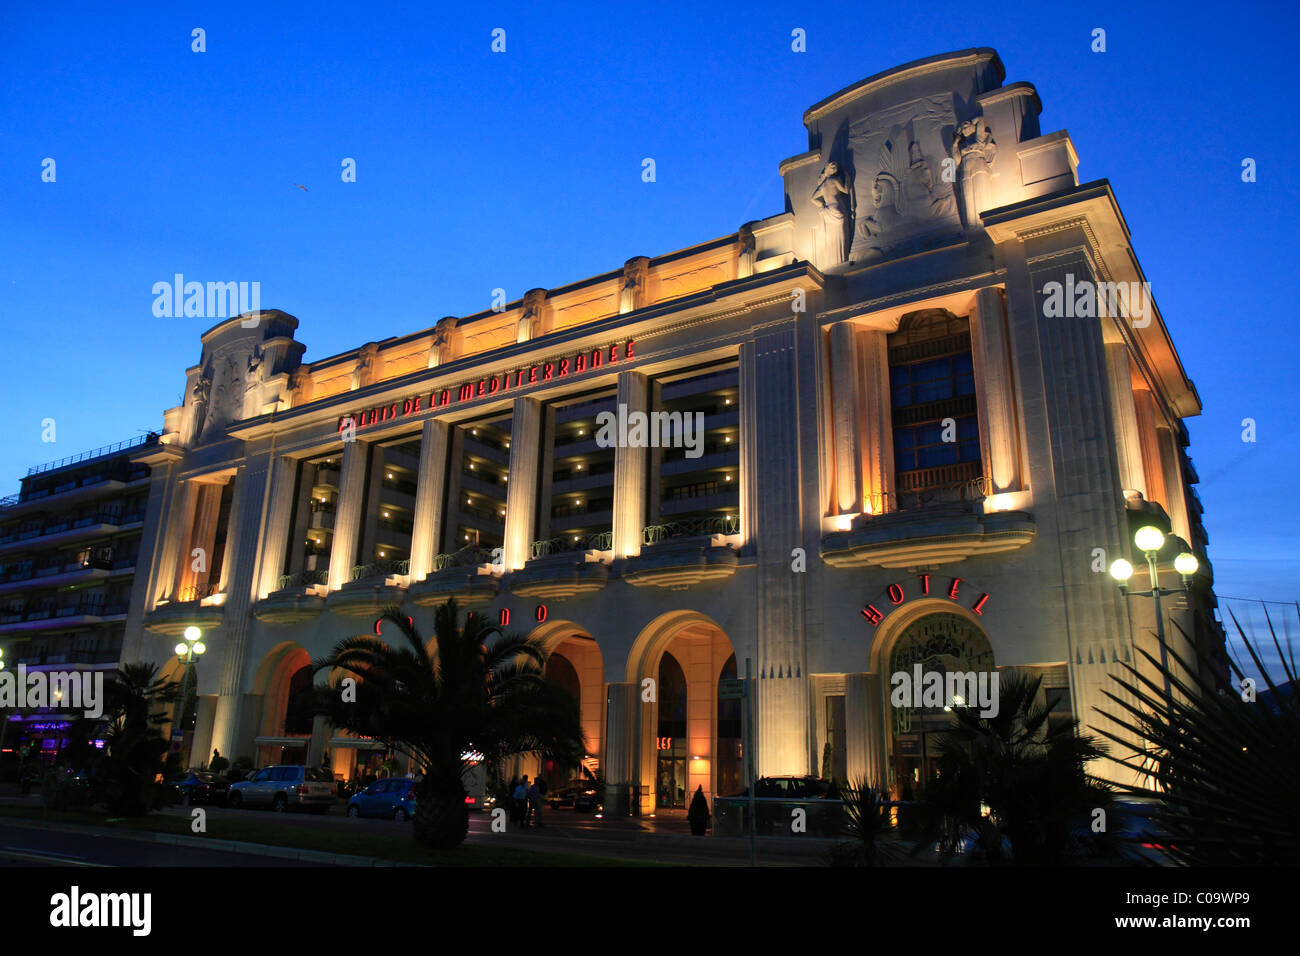 Hotel and Casino Palais de la Mediterranée, Promenade des Anglais, Nice, Département Alpes Maritimes, - Stock Image